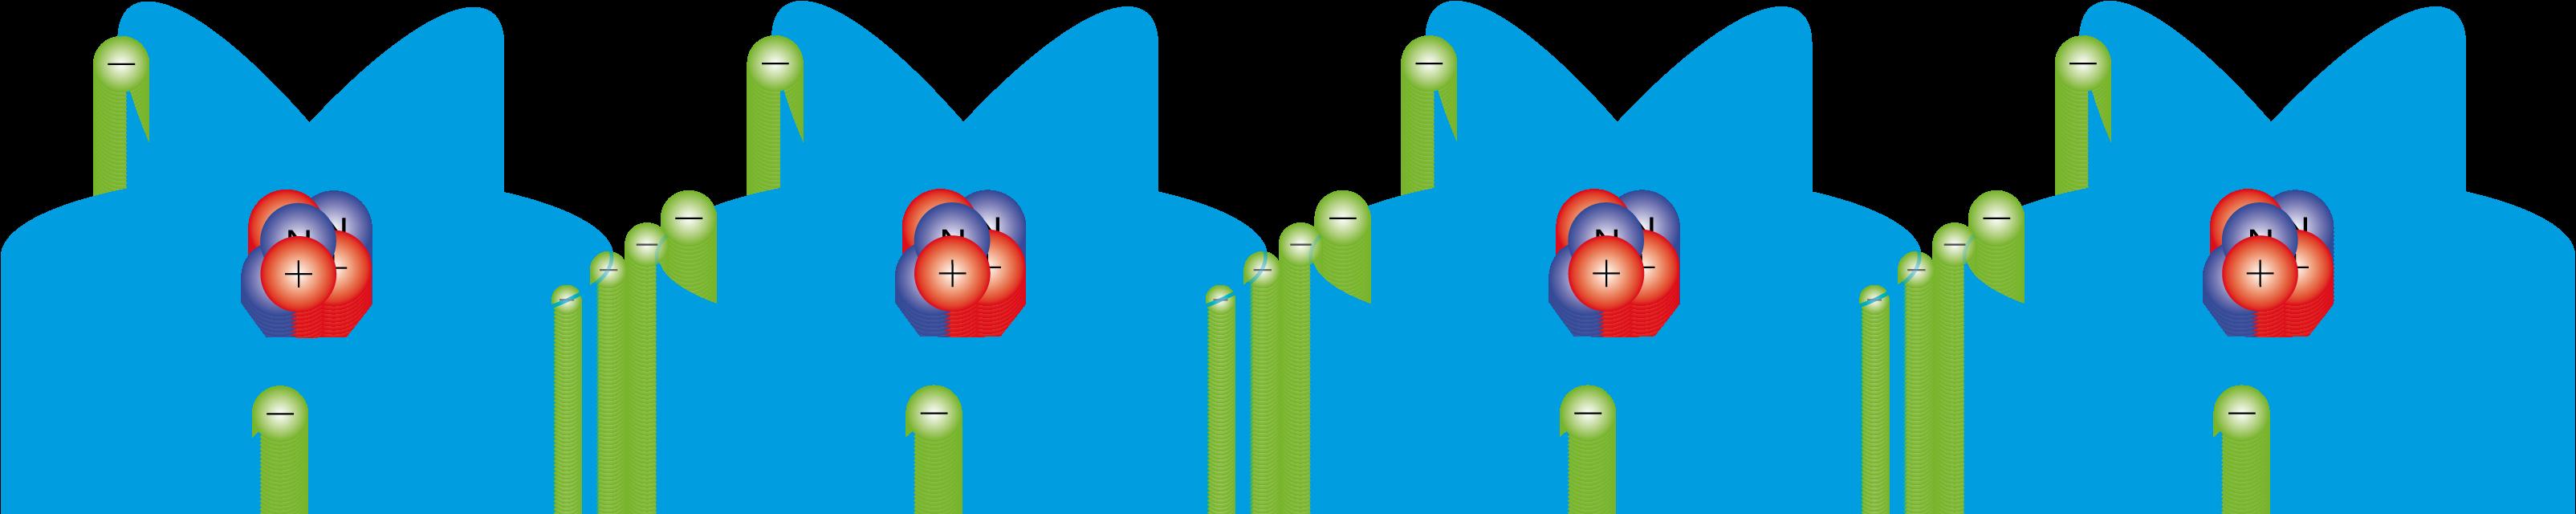 Electrónica básica - corriente eléctrica